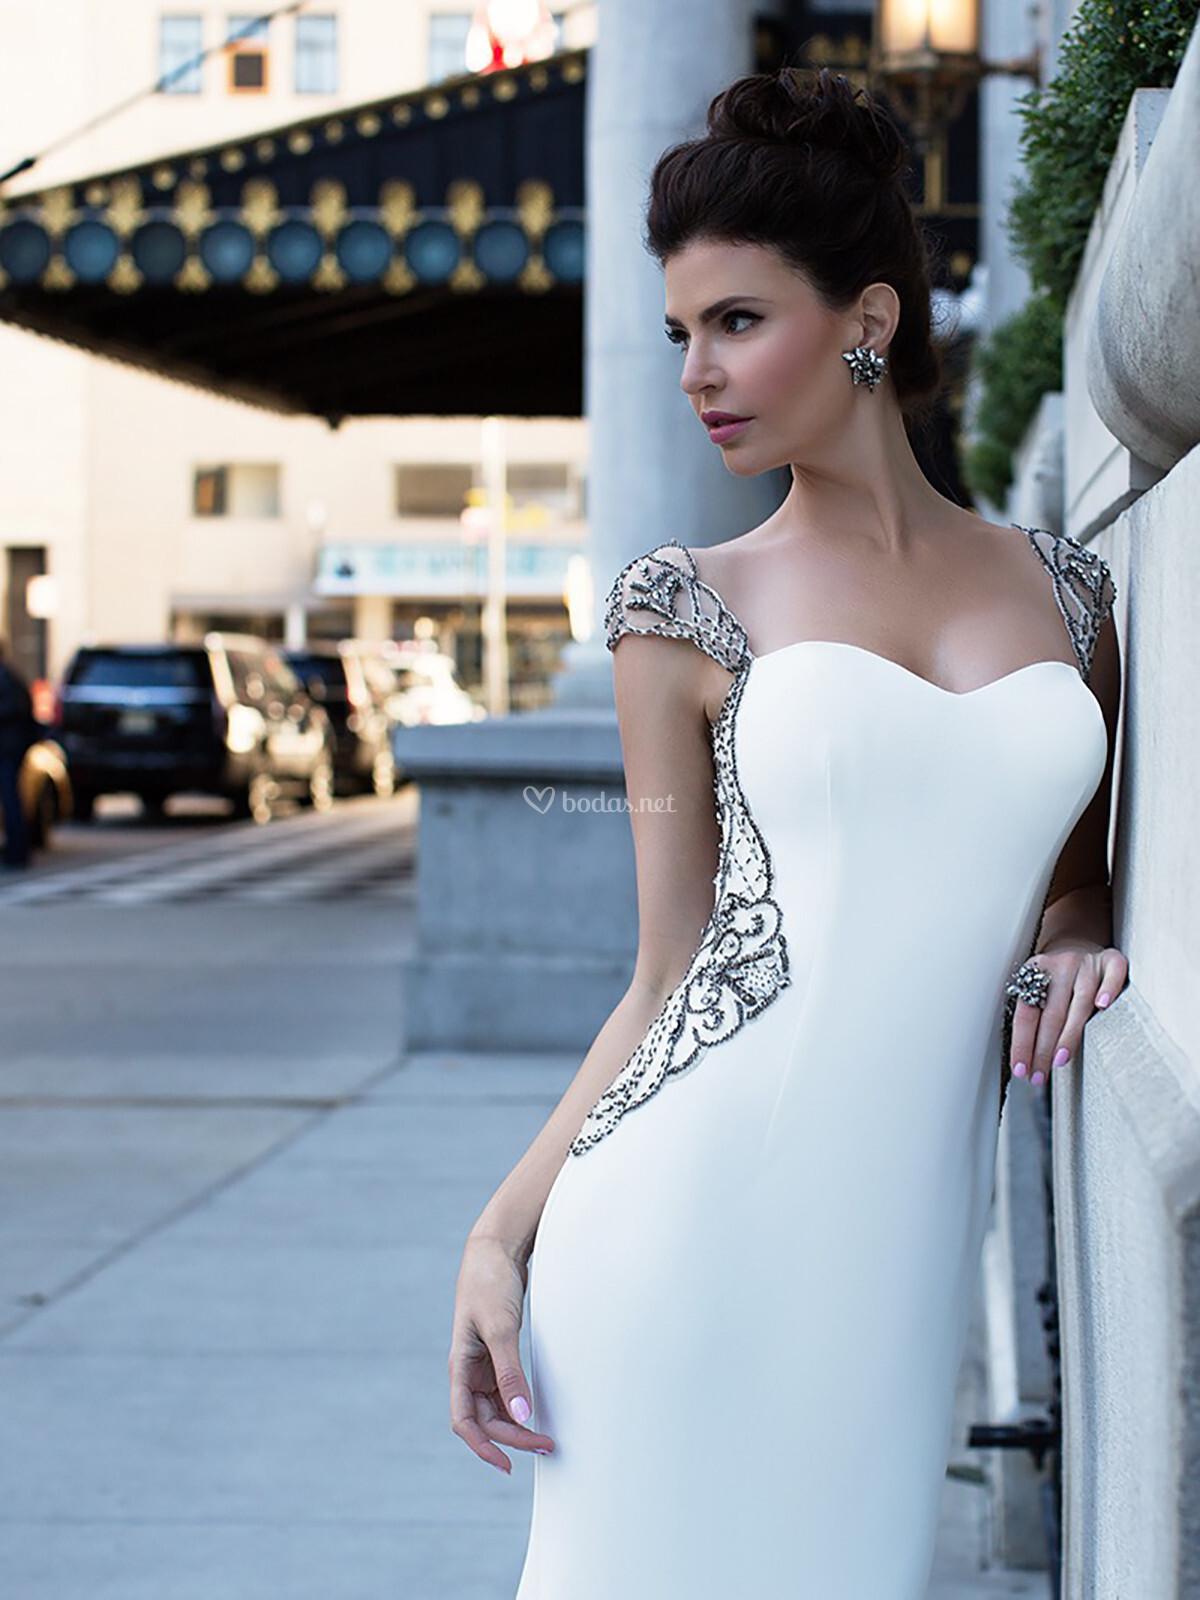 Vestidos de Novia de Pollardi - Bodas.net